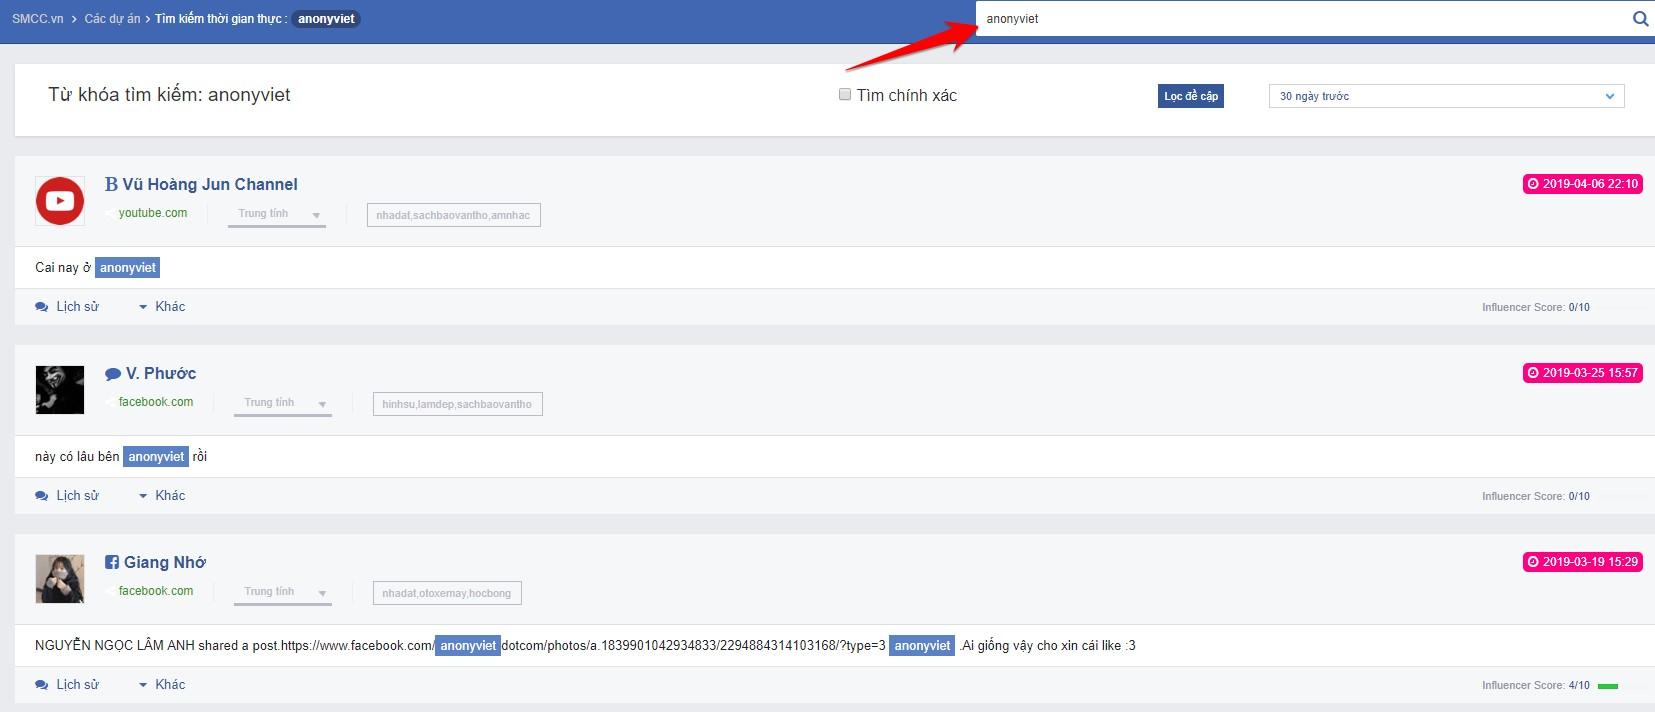 Theo dõi xu hướng Trend gần đây của Facebook